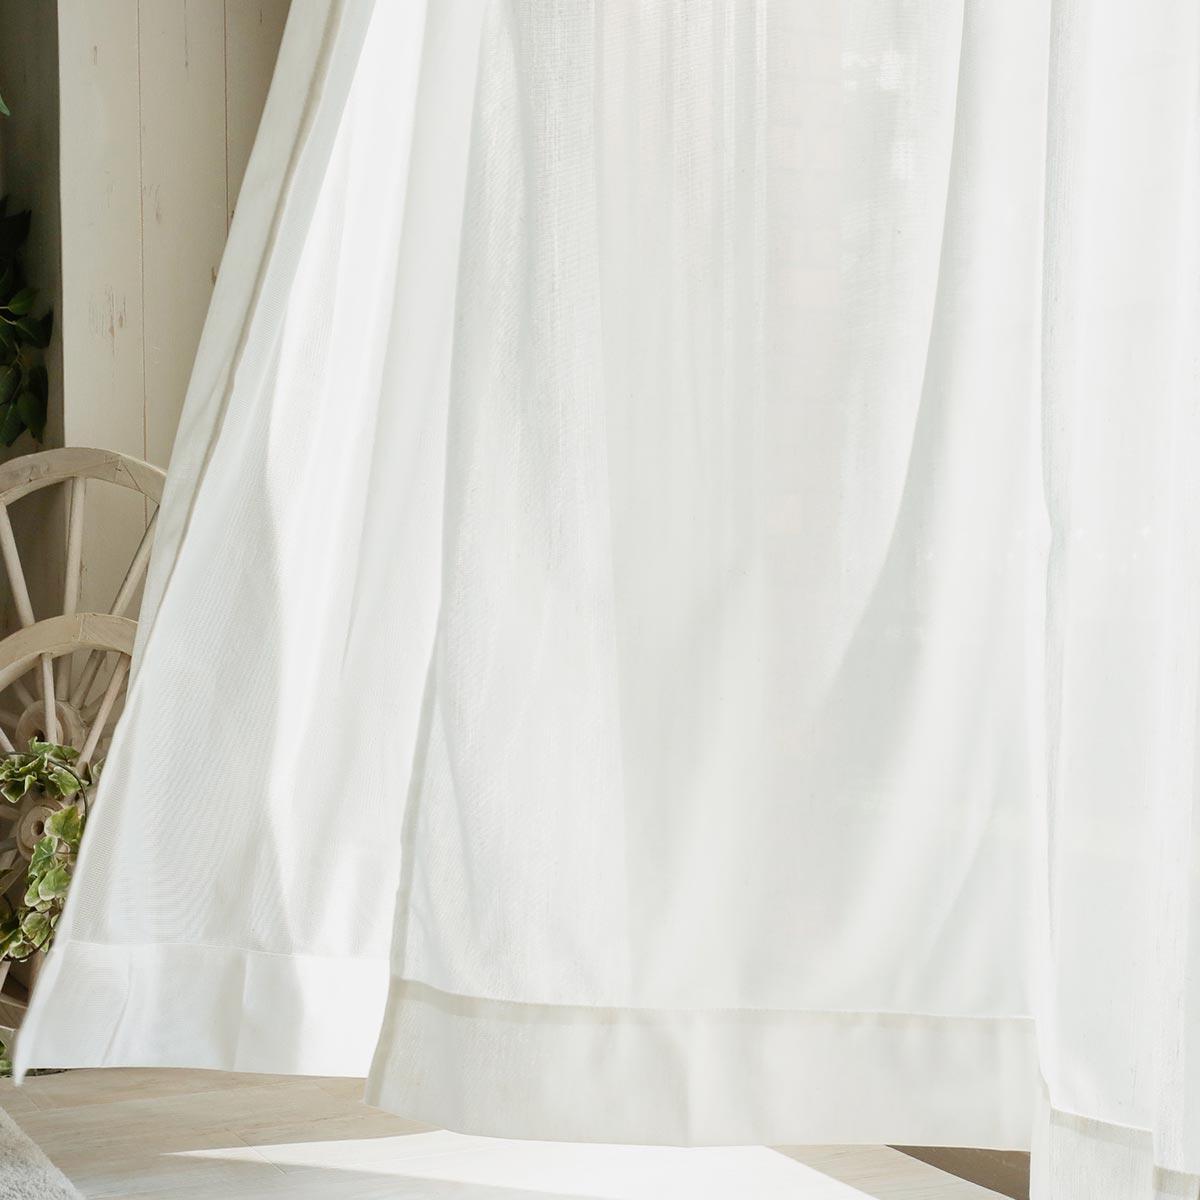 ドレープカーテン『イリゼ』イメージ